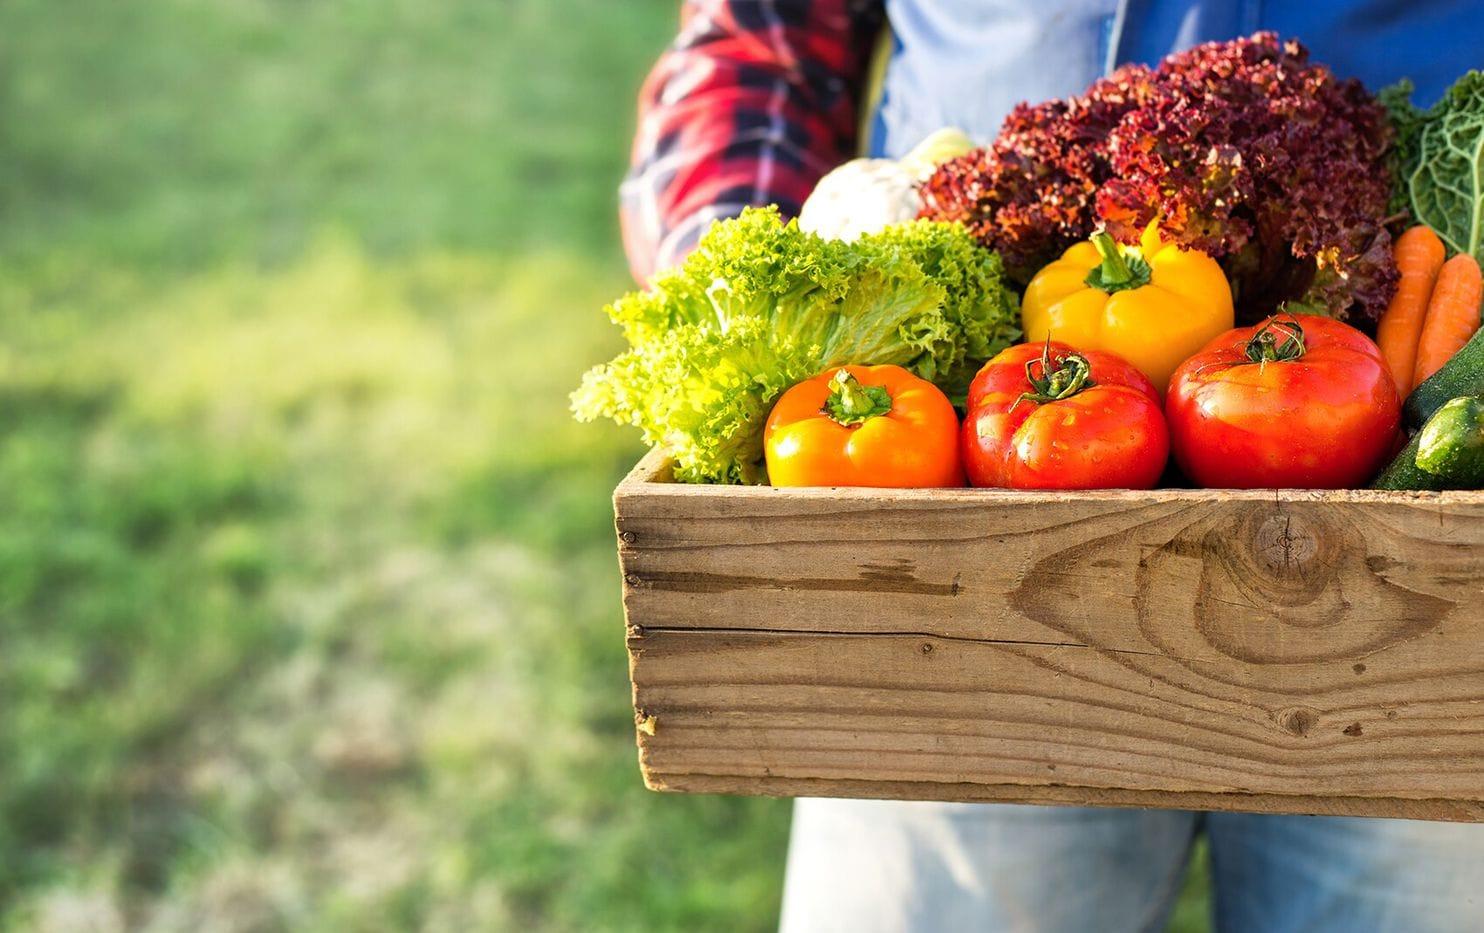 Bitkileri zararlılara ve hastalıklara karşı korumak, güvenli bir gıda tedariki sağlamak için çok önemlidir.